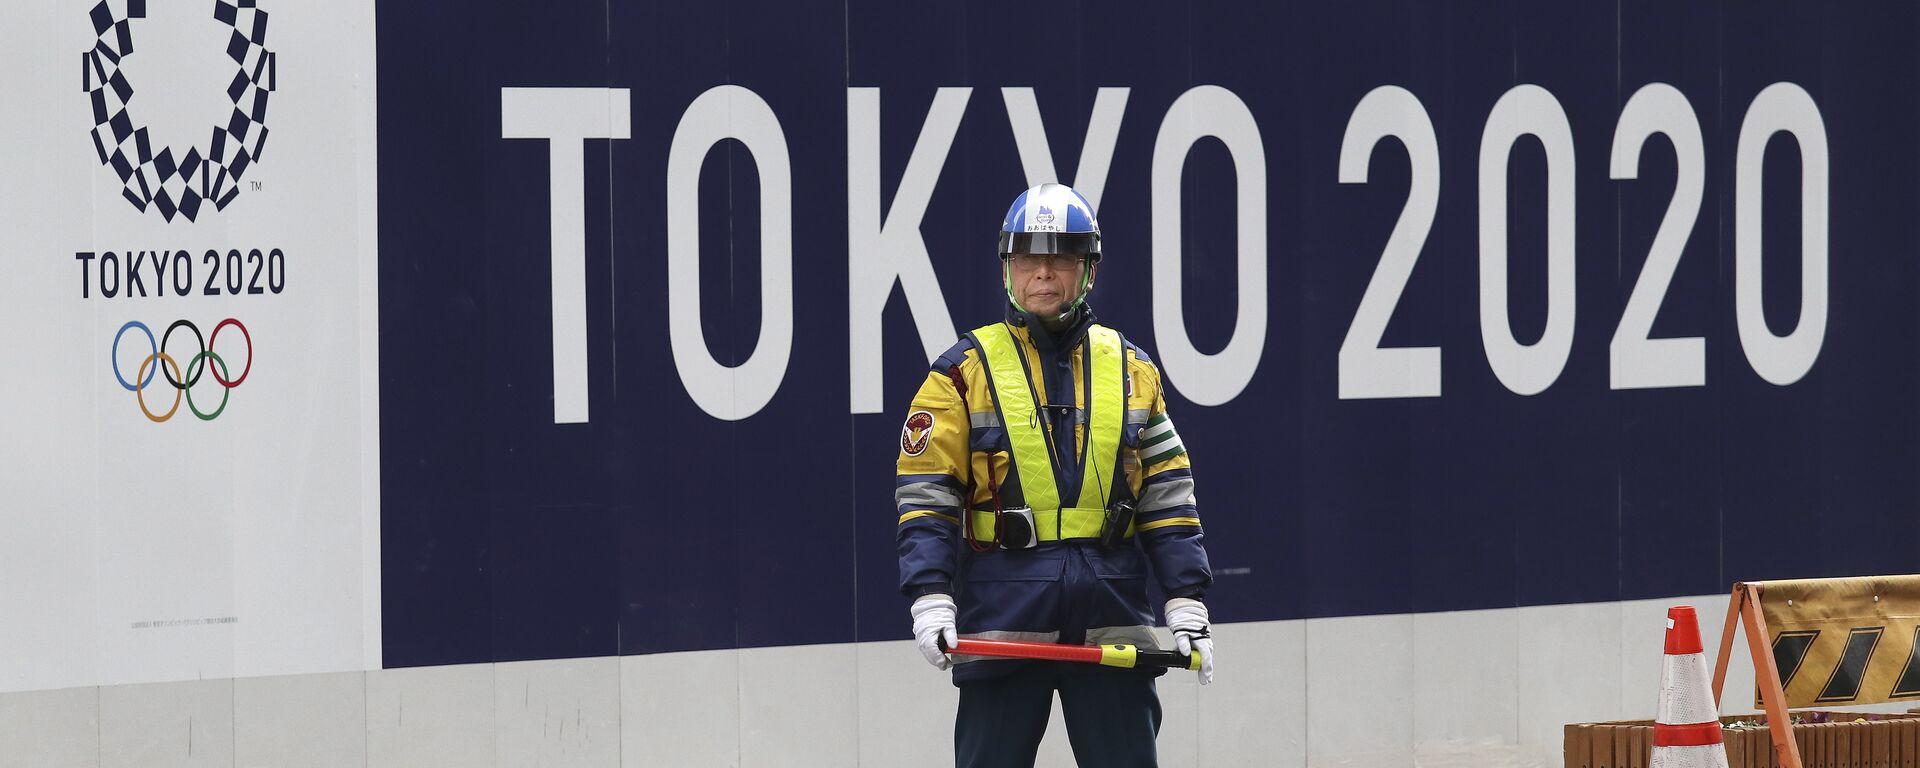 Olimpiadi Tokyo 2020 - Sputnik Italia, 1920, 07.05.2021